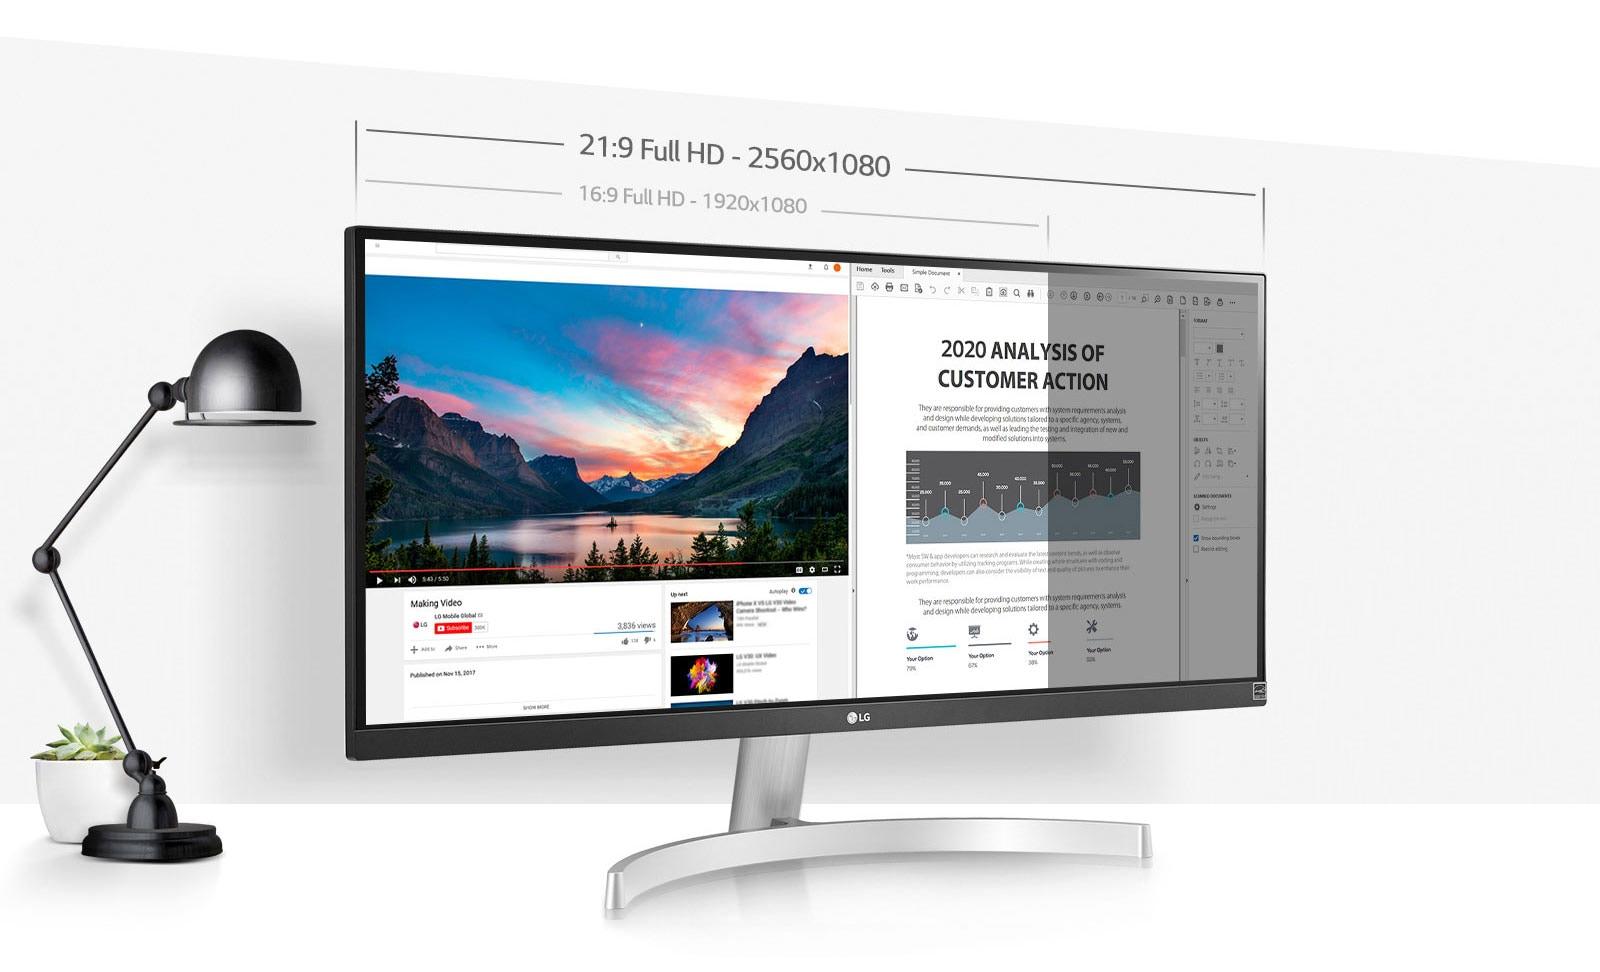 """La pantalla UltraWide™ Full HD de 29"""" (2560x1080) proporciona un 33% más de espacio en pantalla que la resolución 16:9 Full HD."""